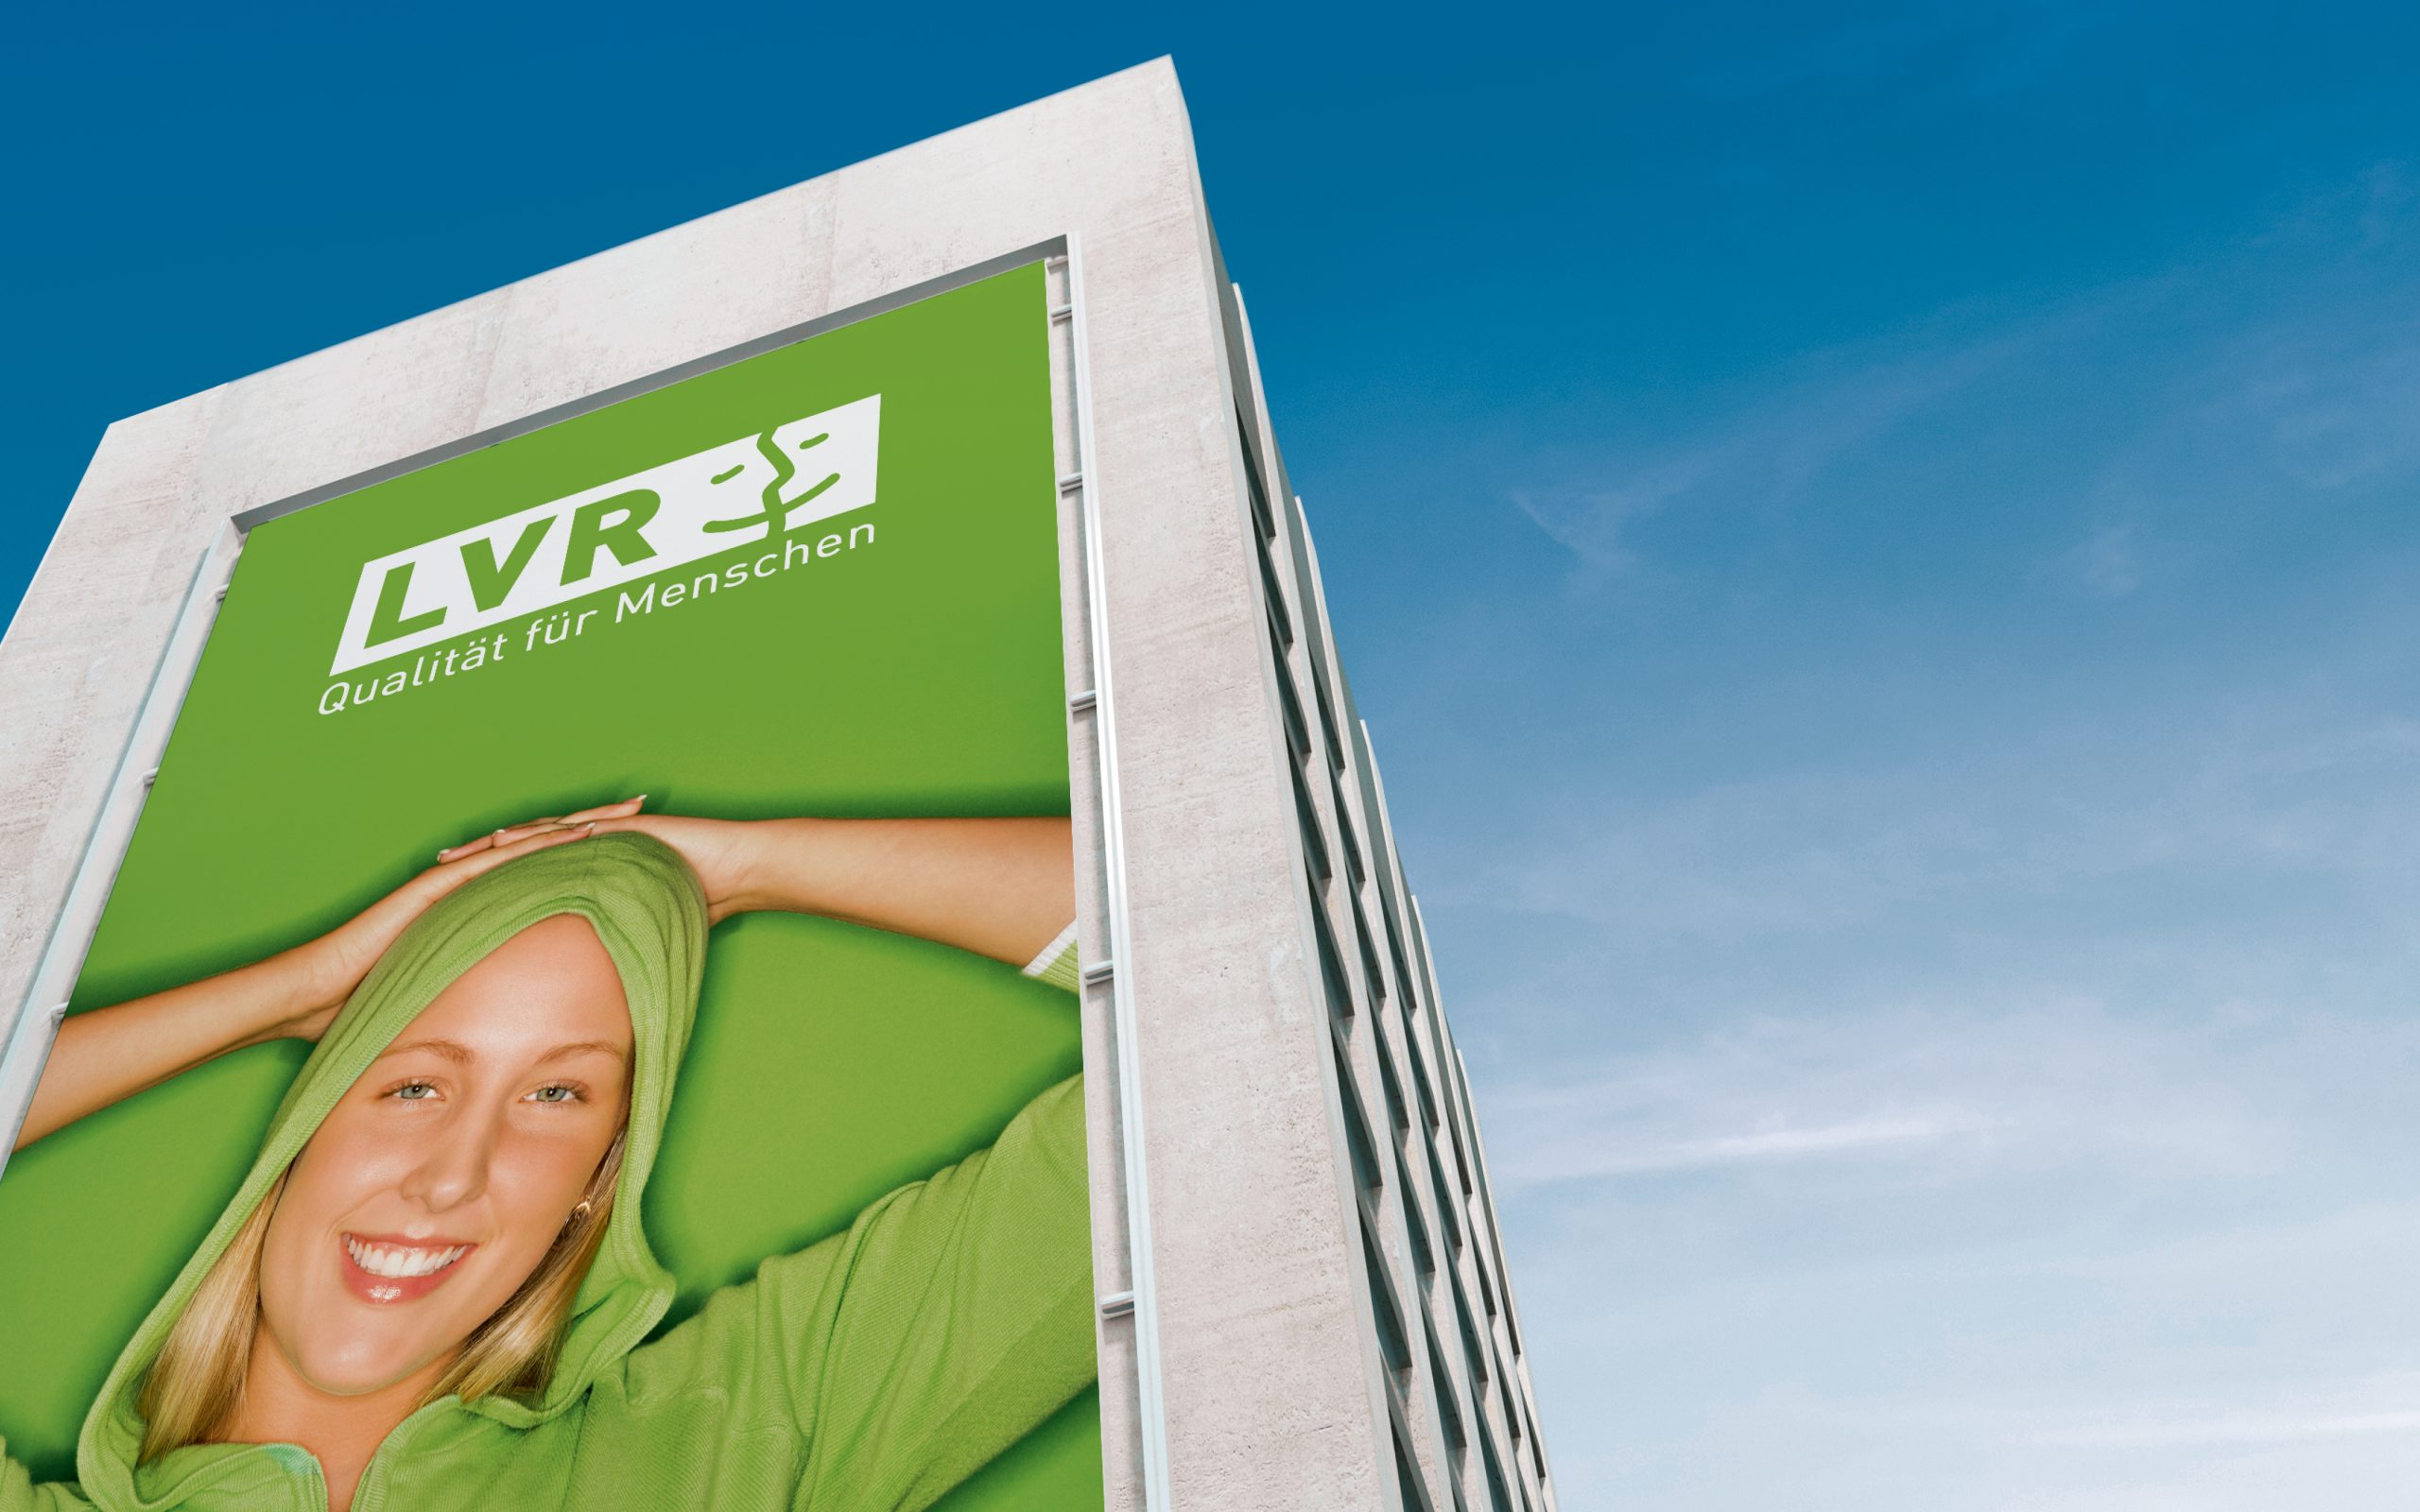 LVR: Corporate Design-Entwicklung von Bosbach, Key Visual